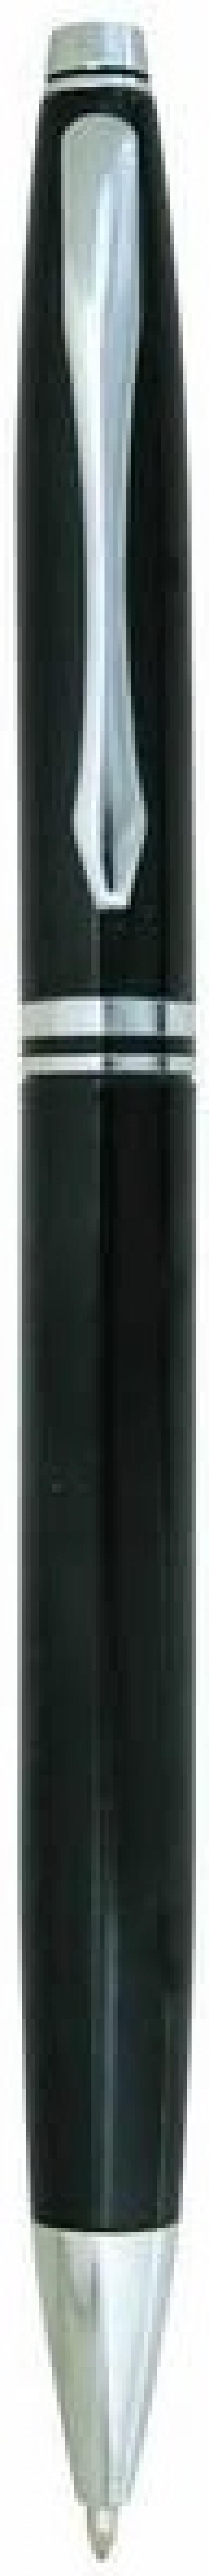 Ручка шариковая, металлическая, черный корпус, хромированные детали, поворотный механизм, 0,7 мм, си